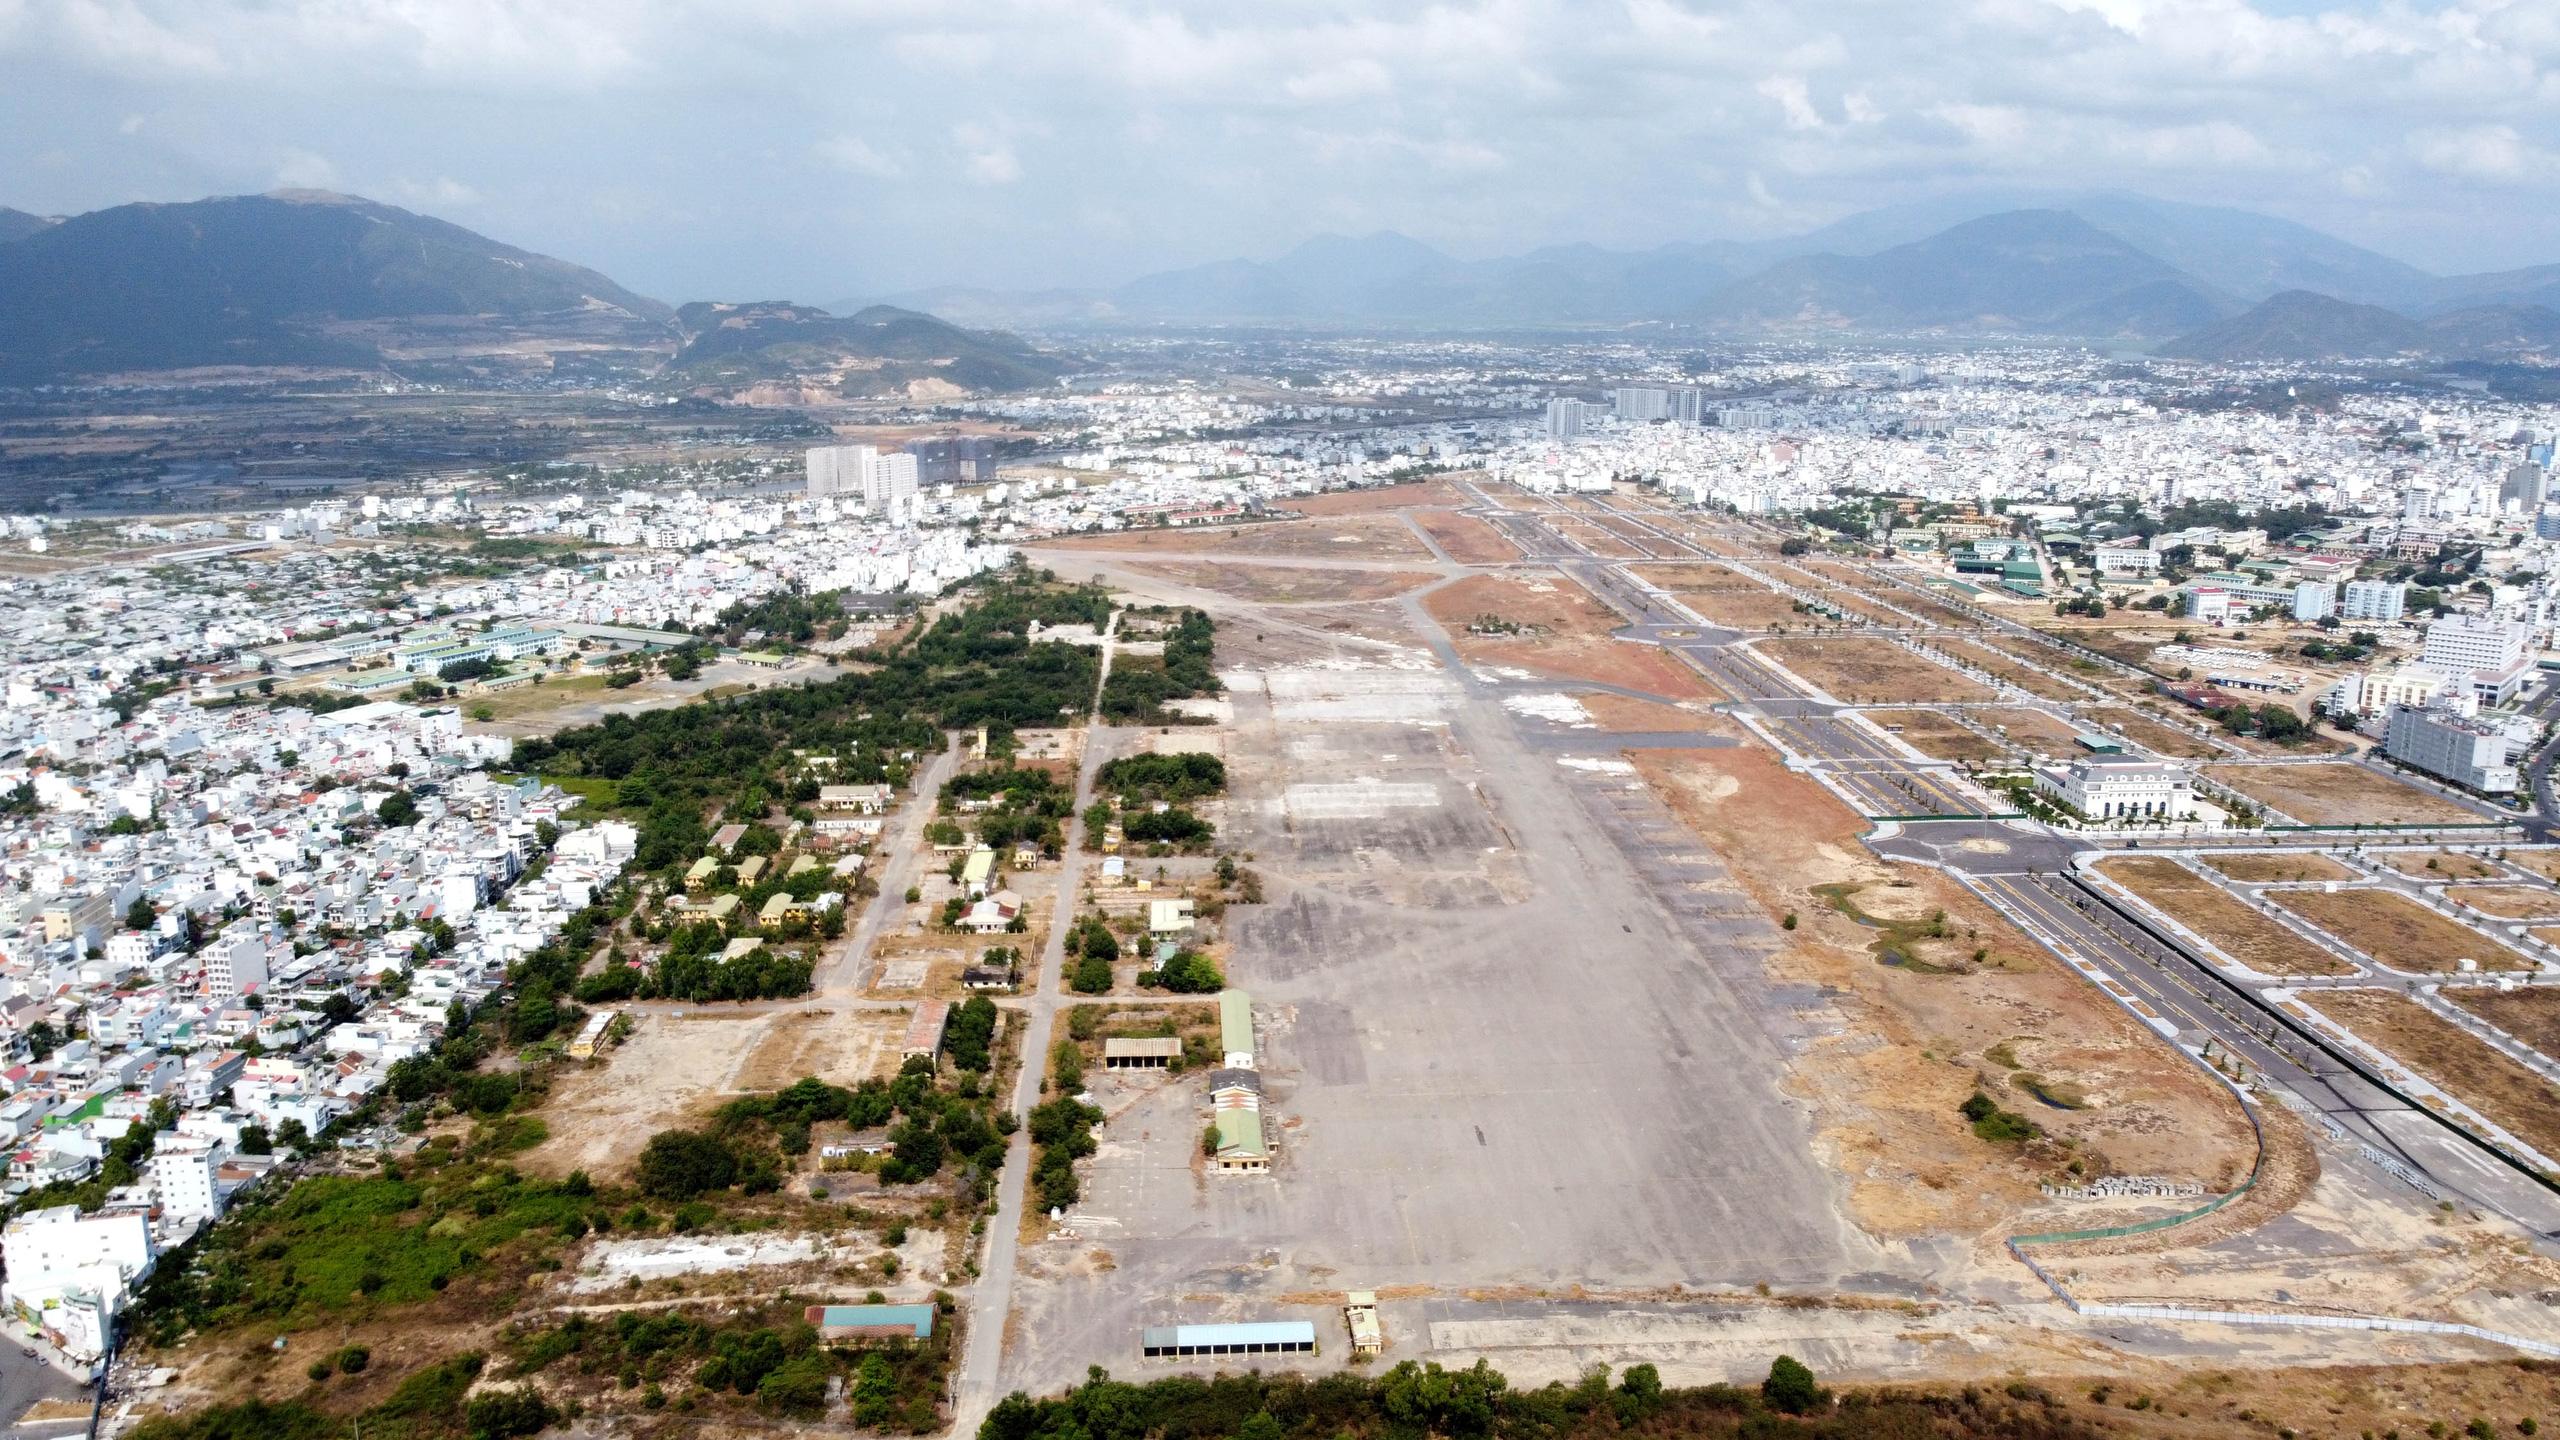 Cận cảnh khu đất sân bay Nha Trang cũ chuẩn bị đấu giá đất - Ảnh 6.